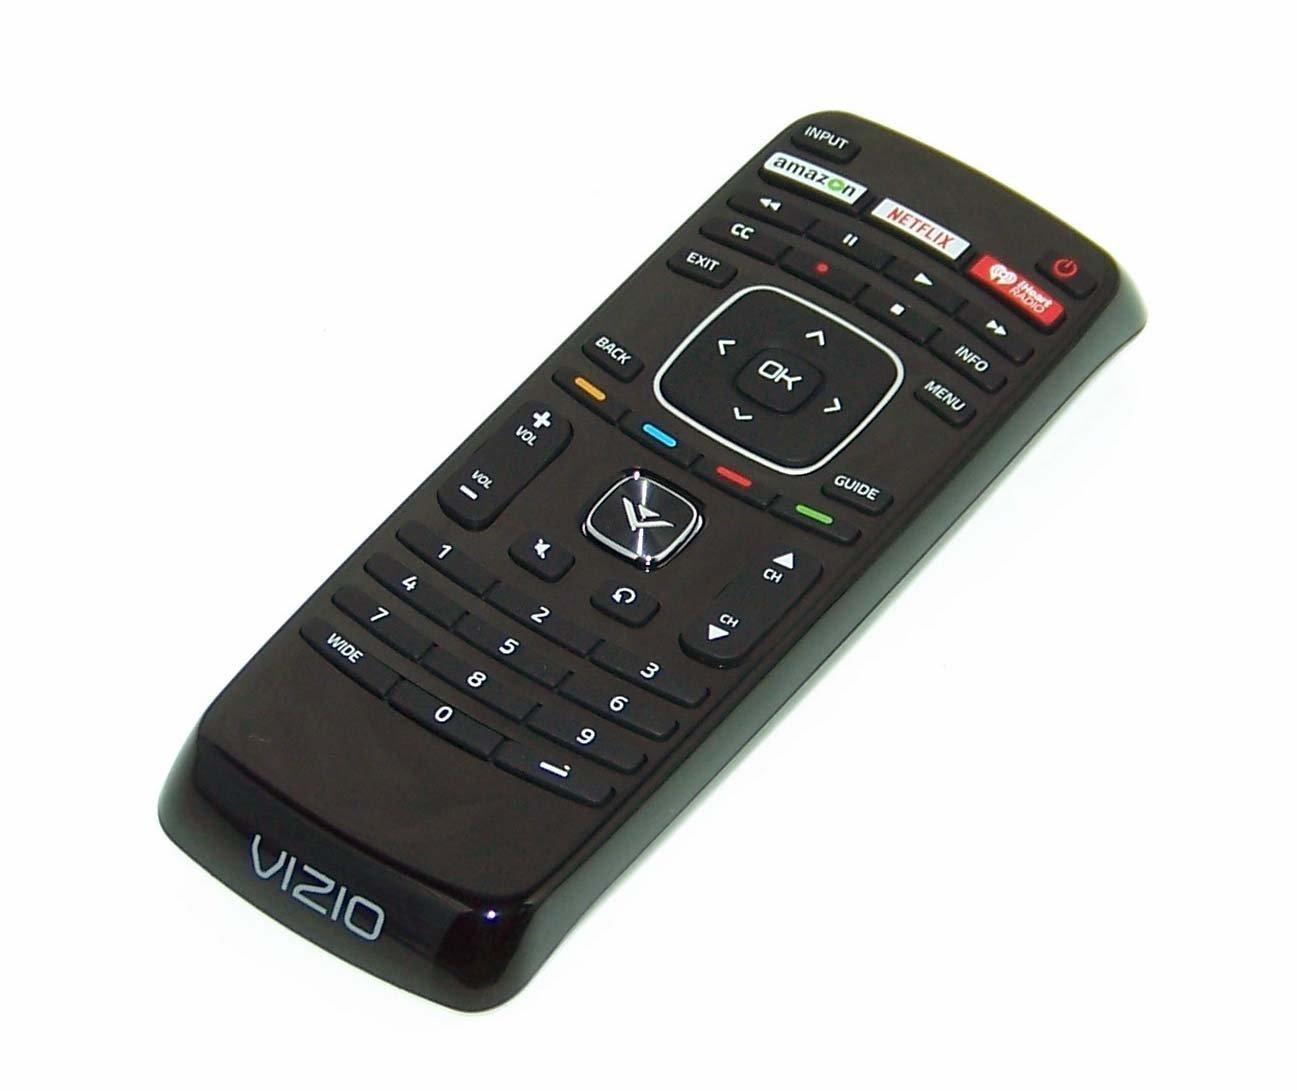 Vizio XRT112 Factory Original Replacement Smart TV Remote Control (Amazon/NetFlix/iHeartRadio) - New 2018 Model by Original Vizio